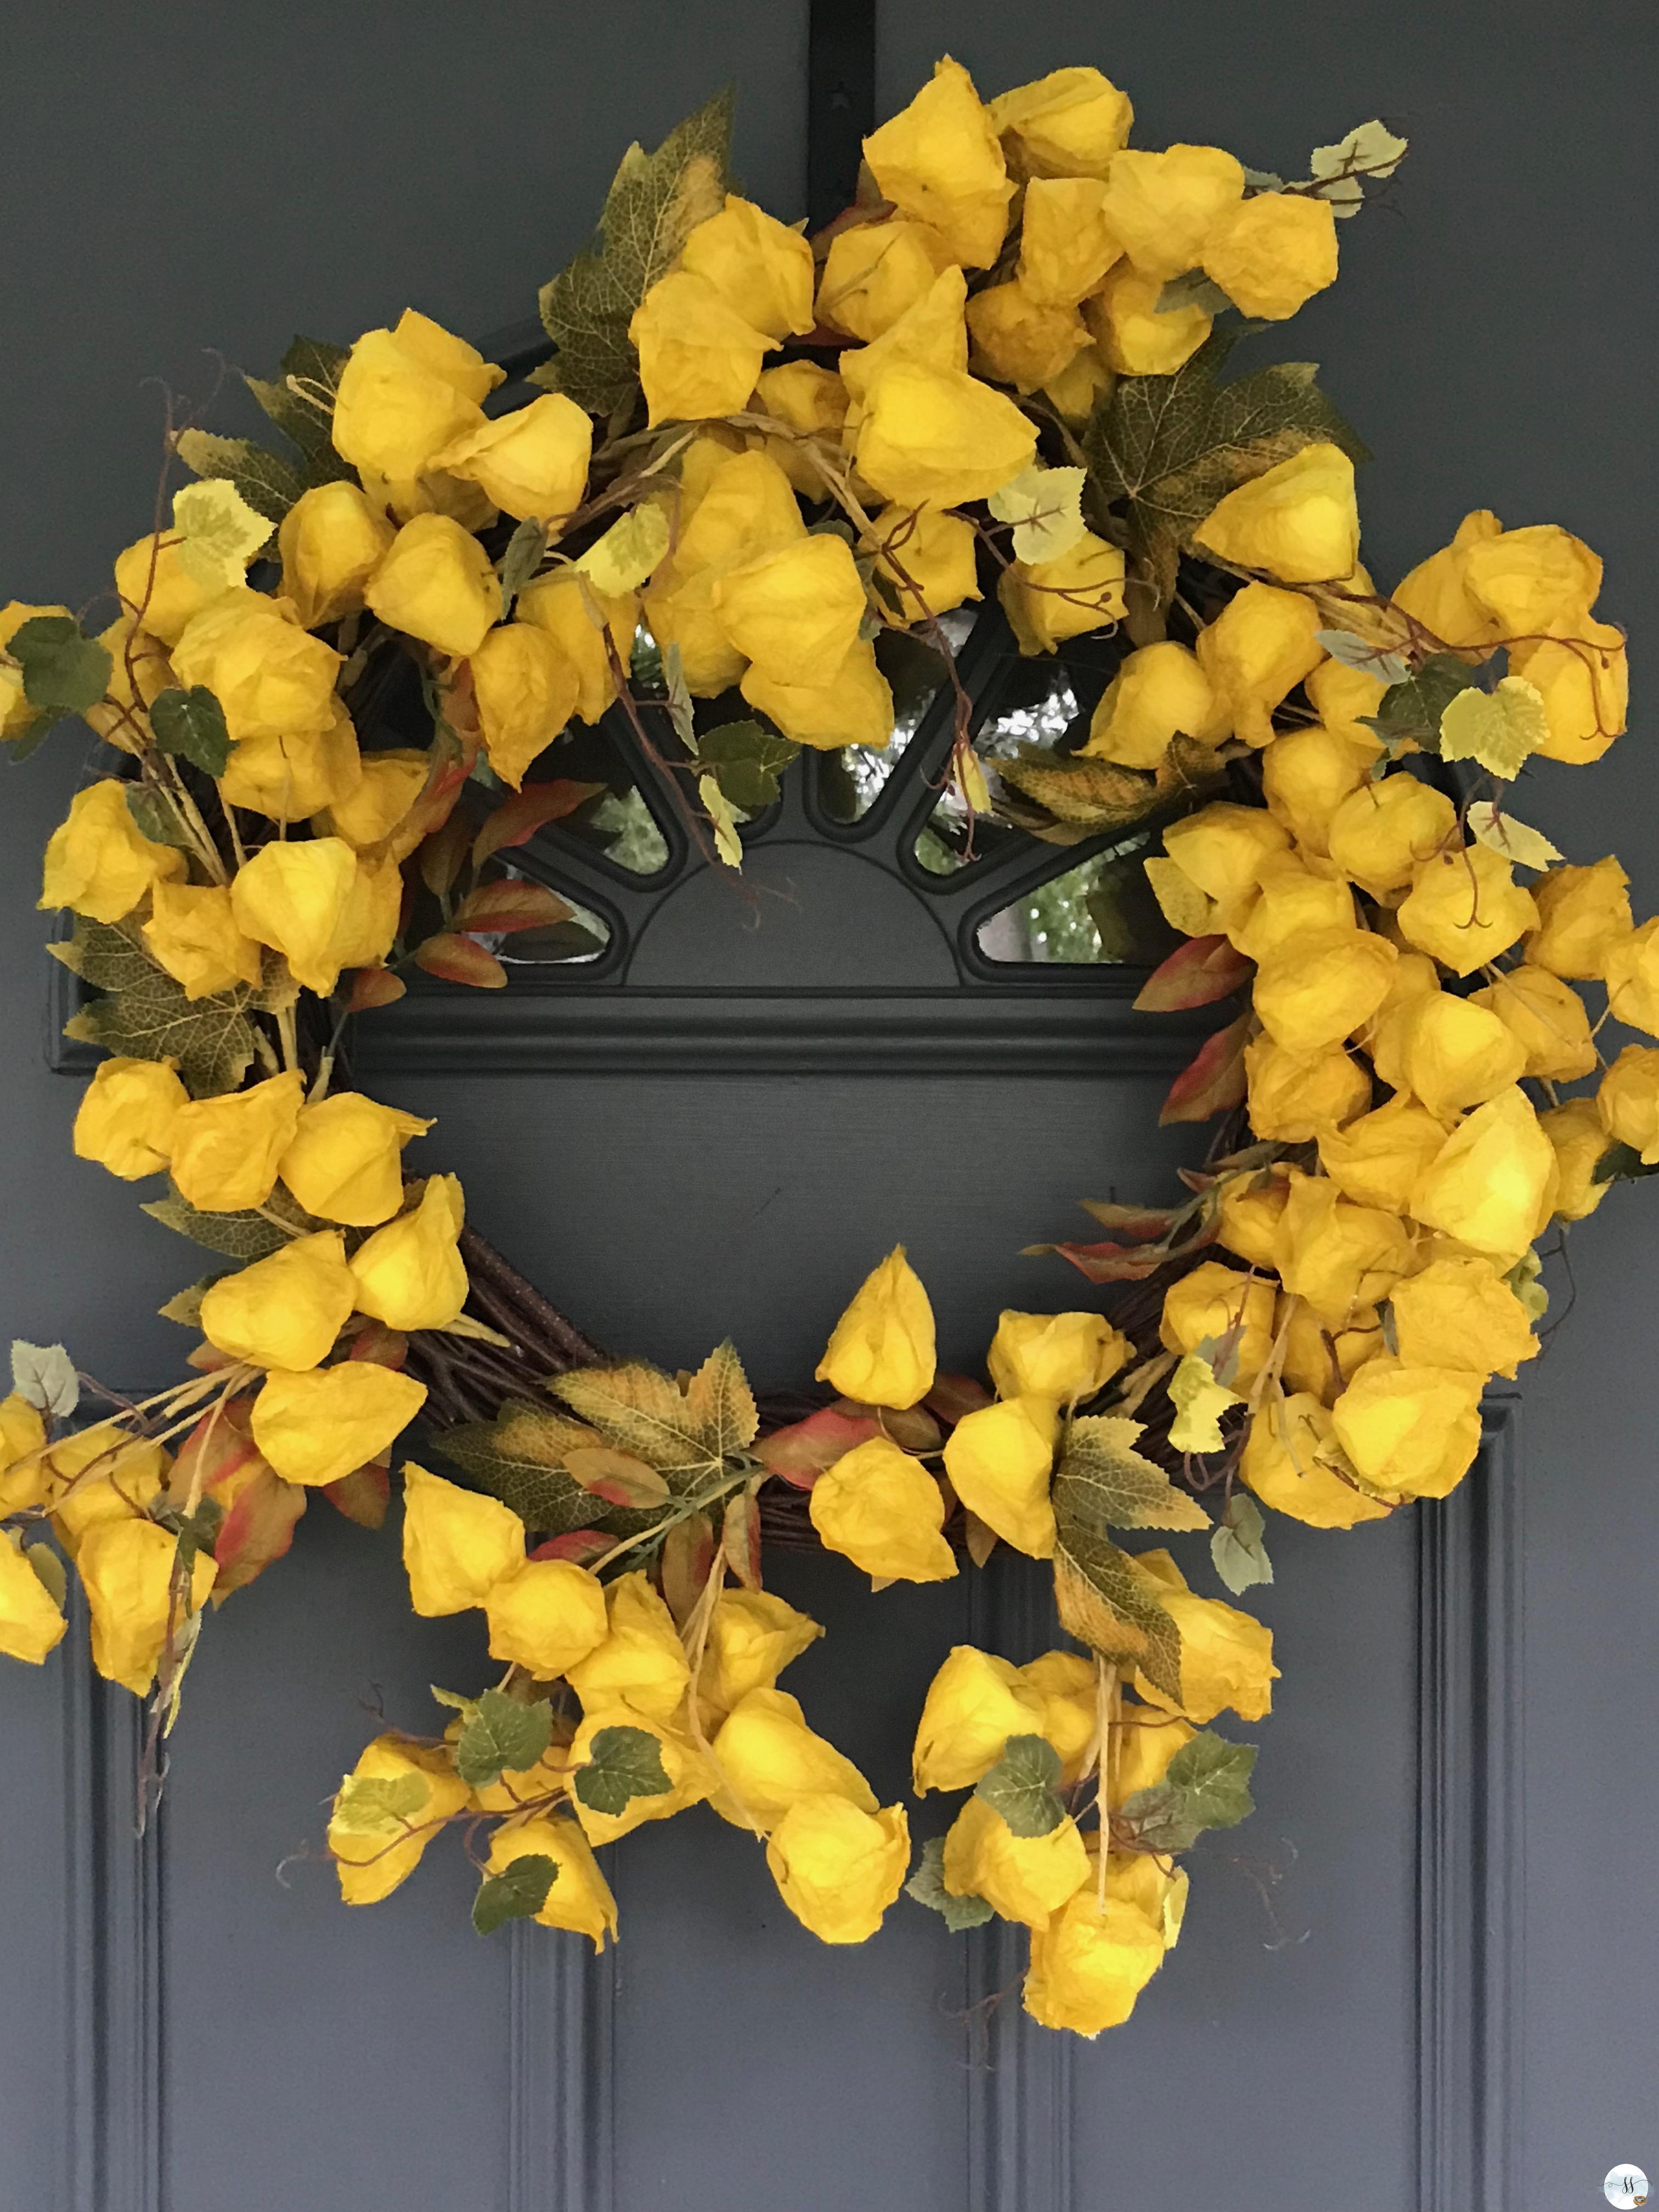 fall door wreath, homes and garden, fall decor